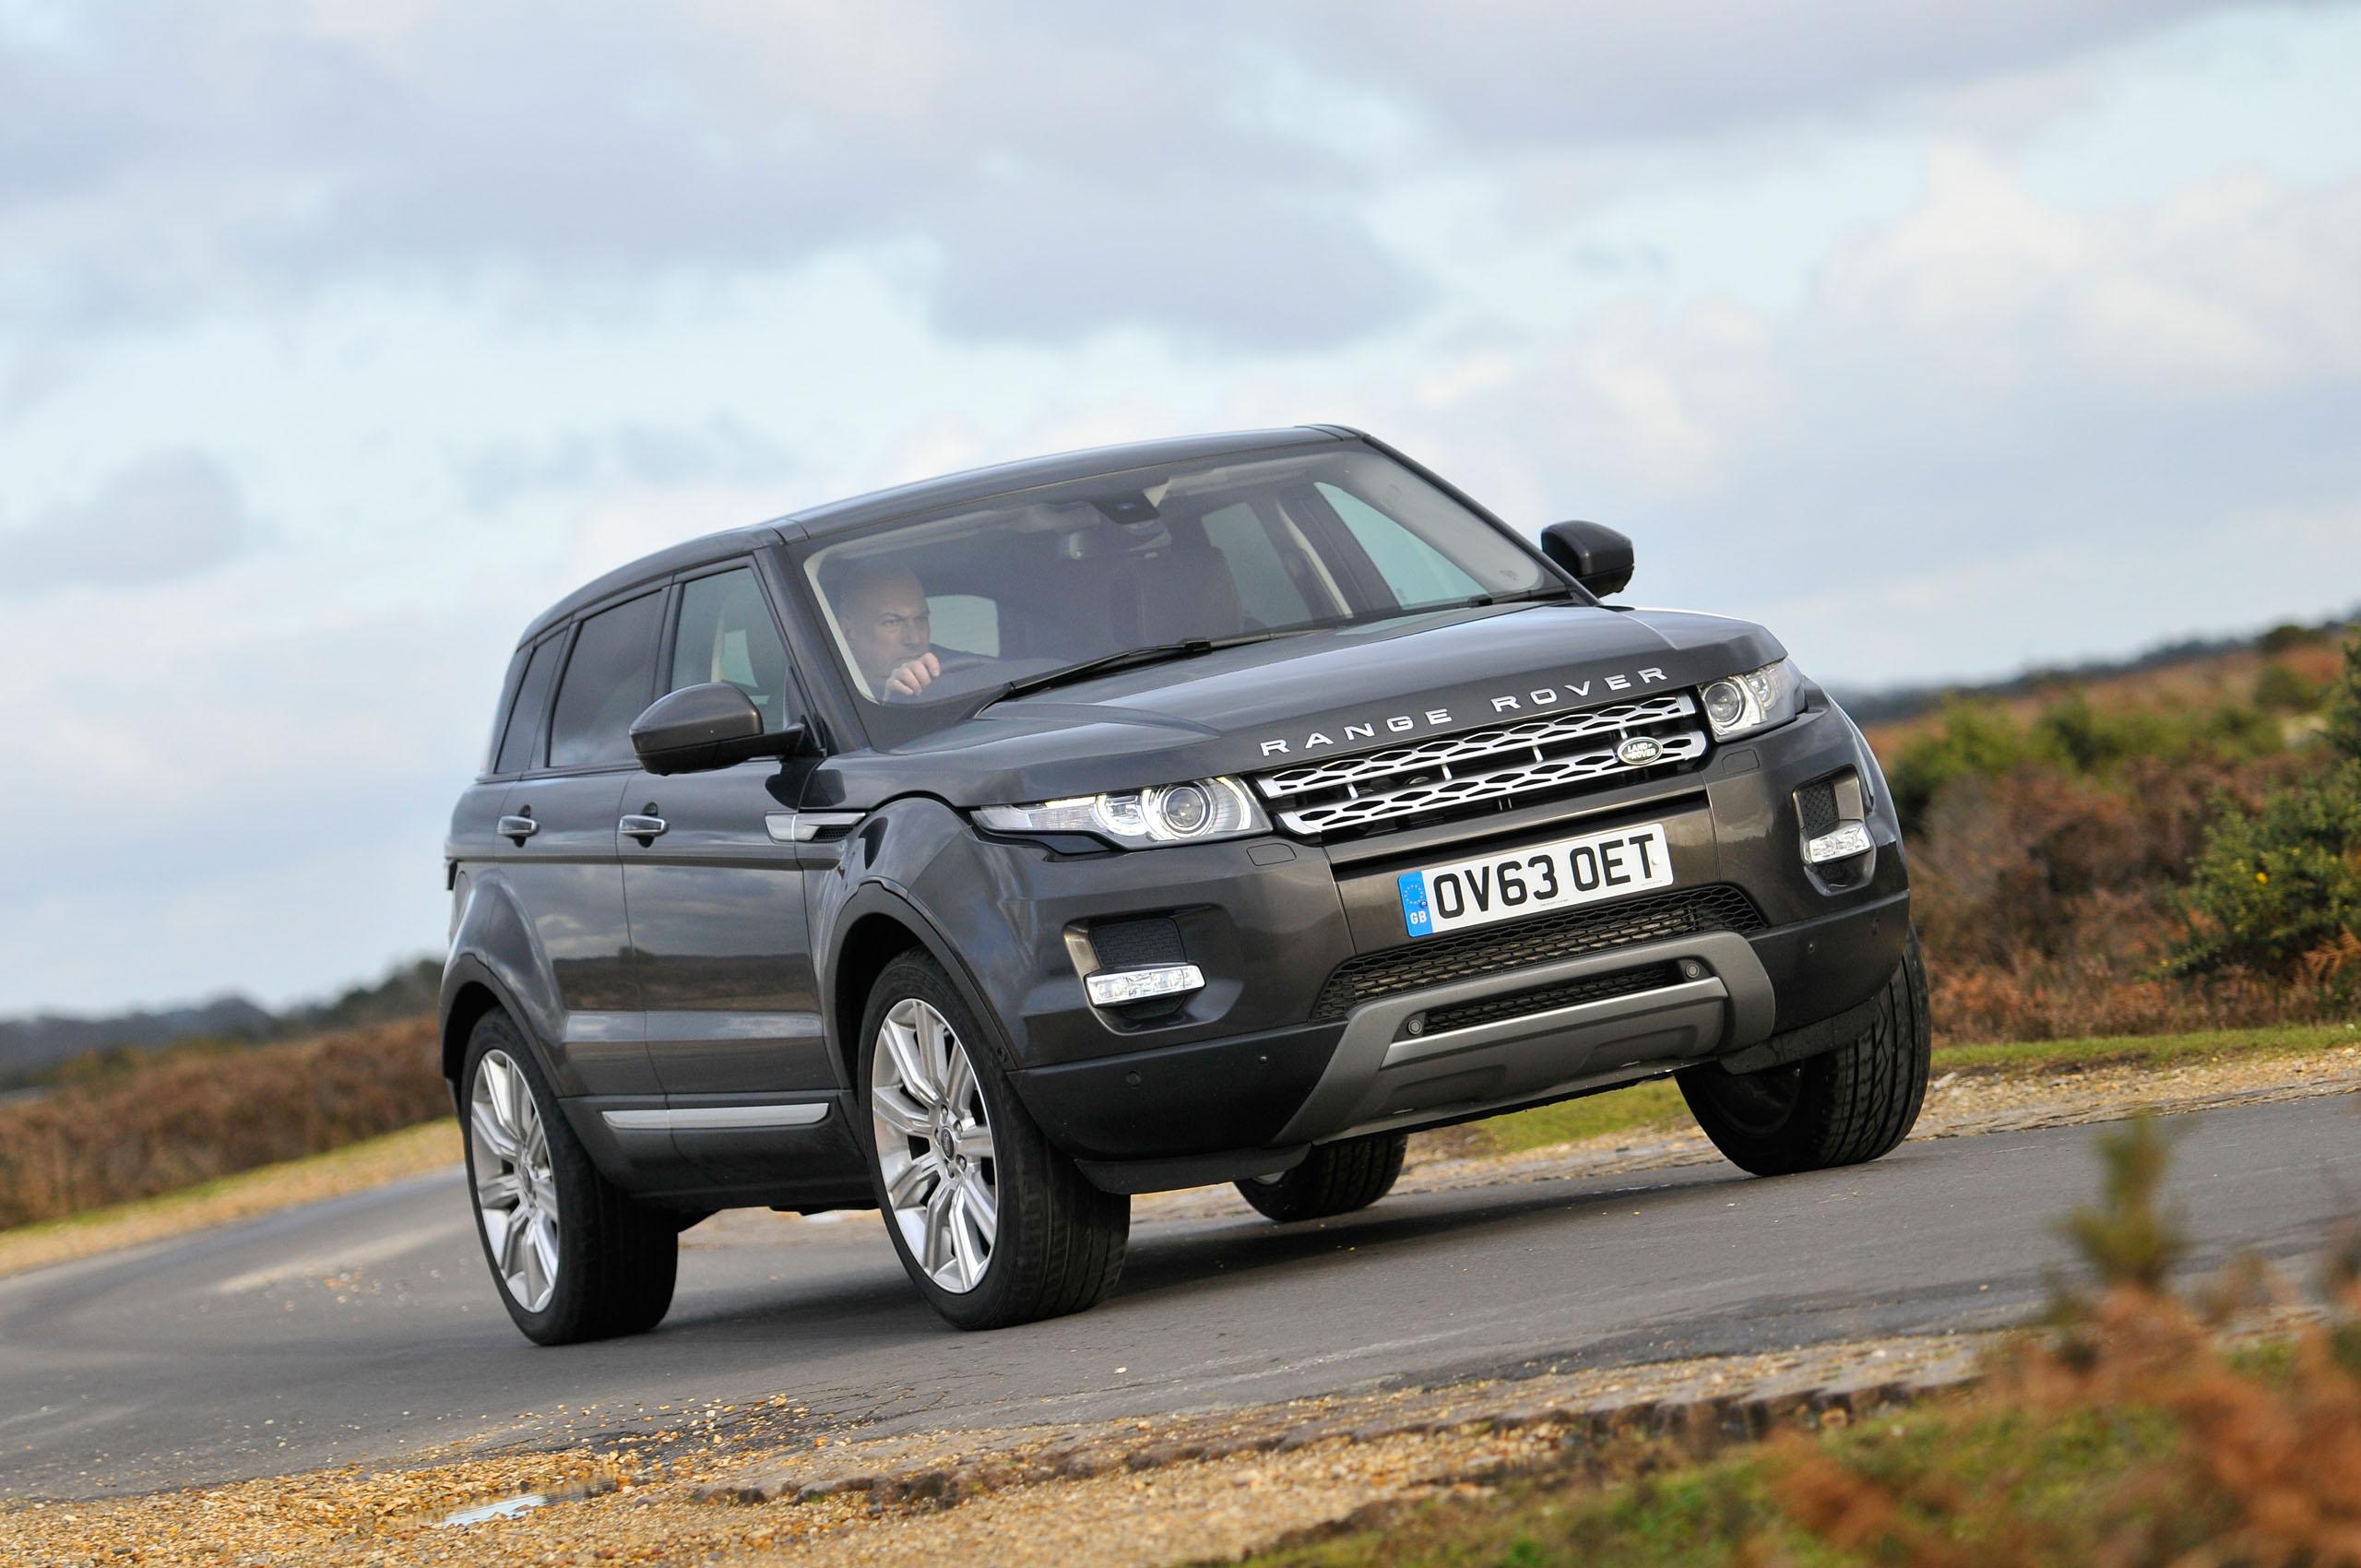 jaguar land rover targets uk production increase and more models autocar. Black Bedroom Furniture Sets. Home Design Ideas